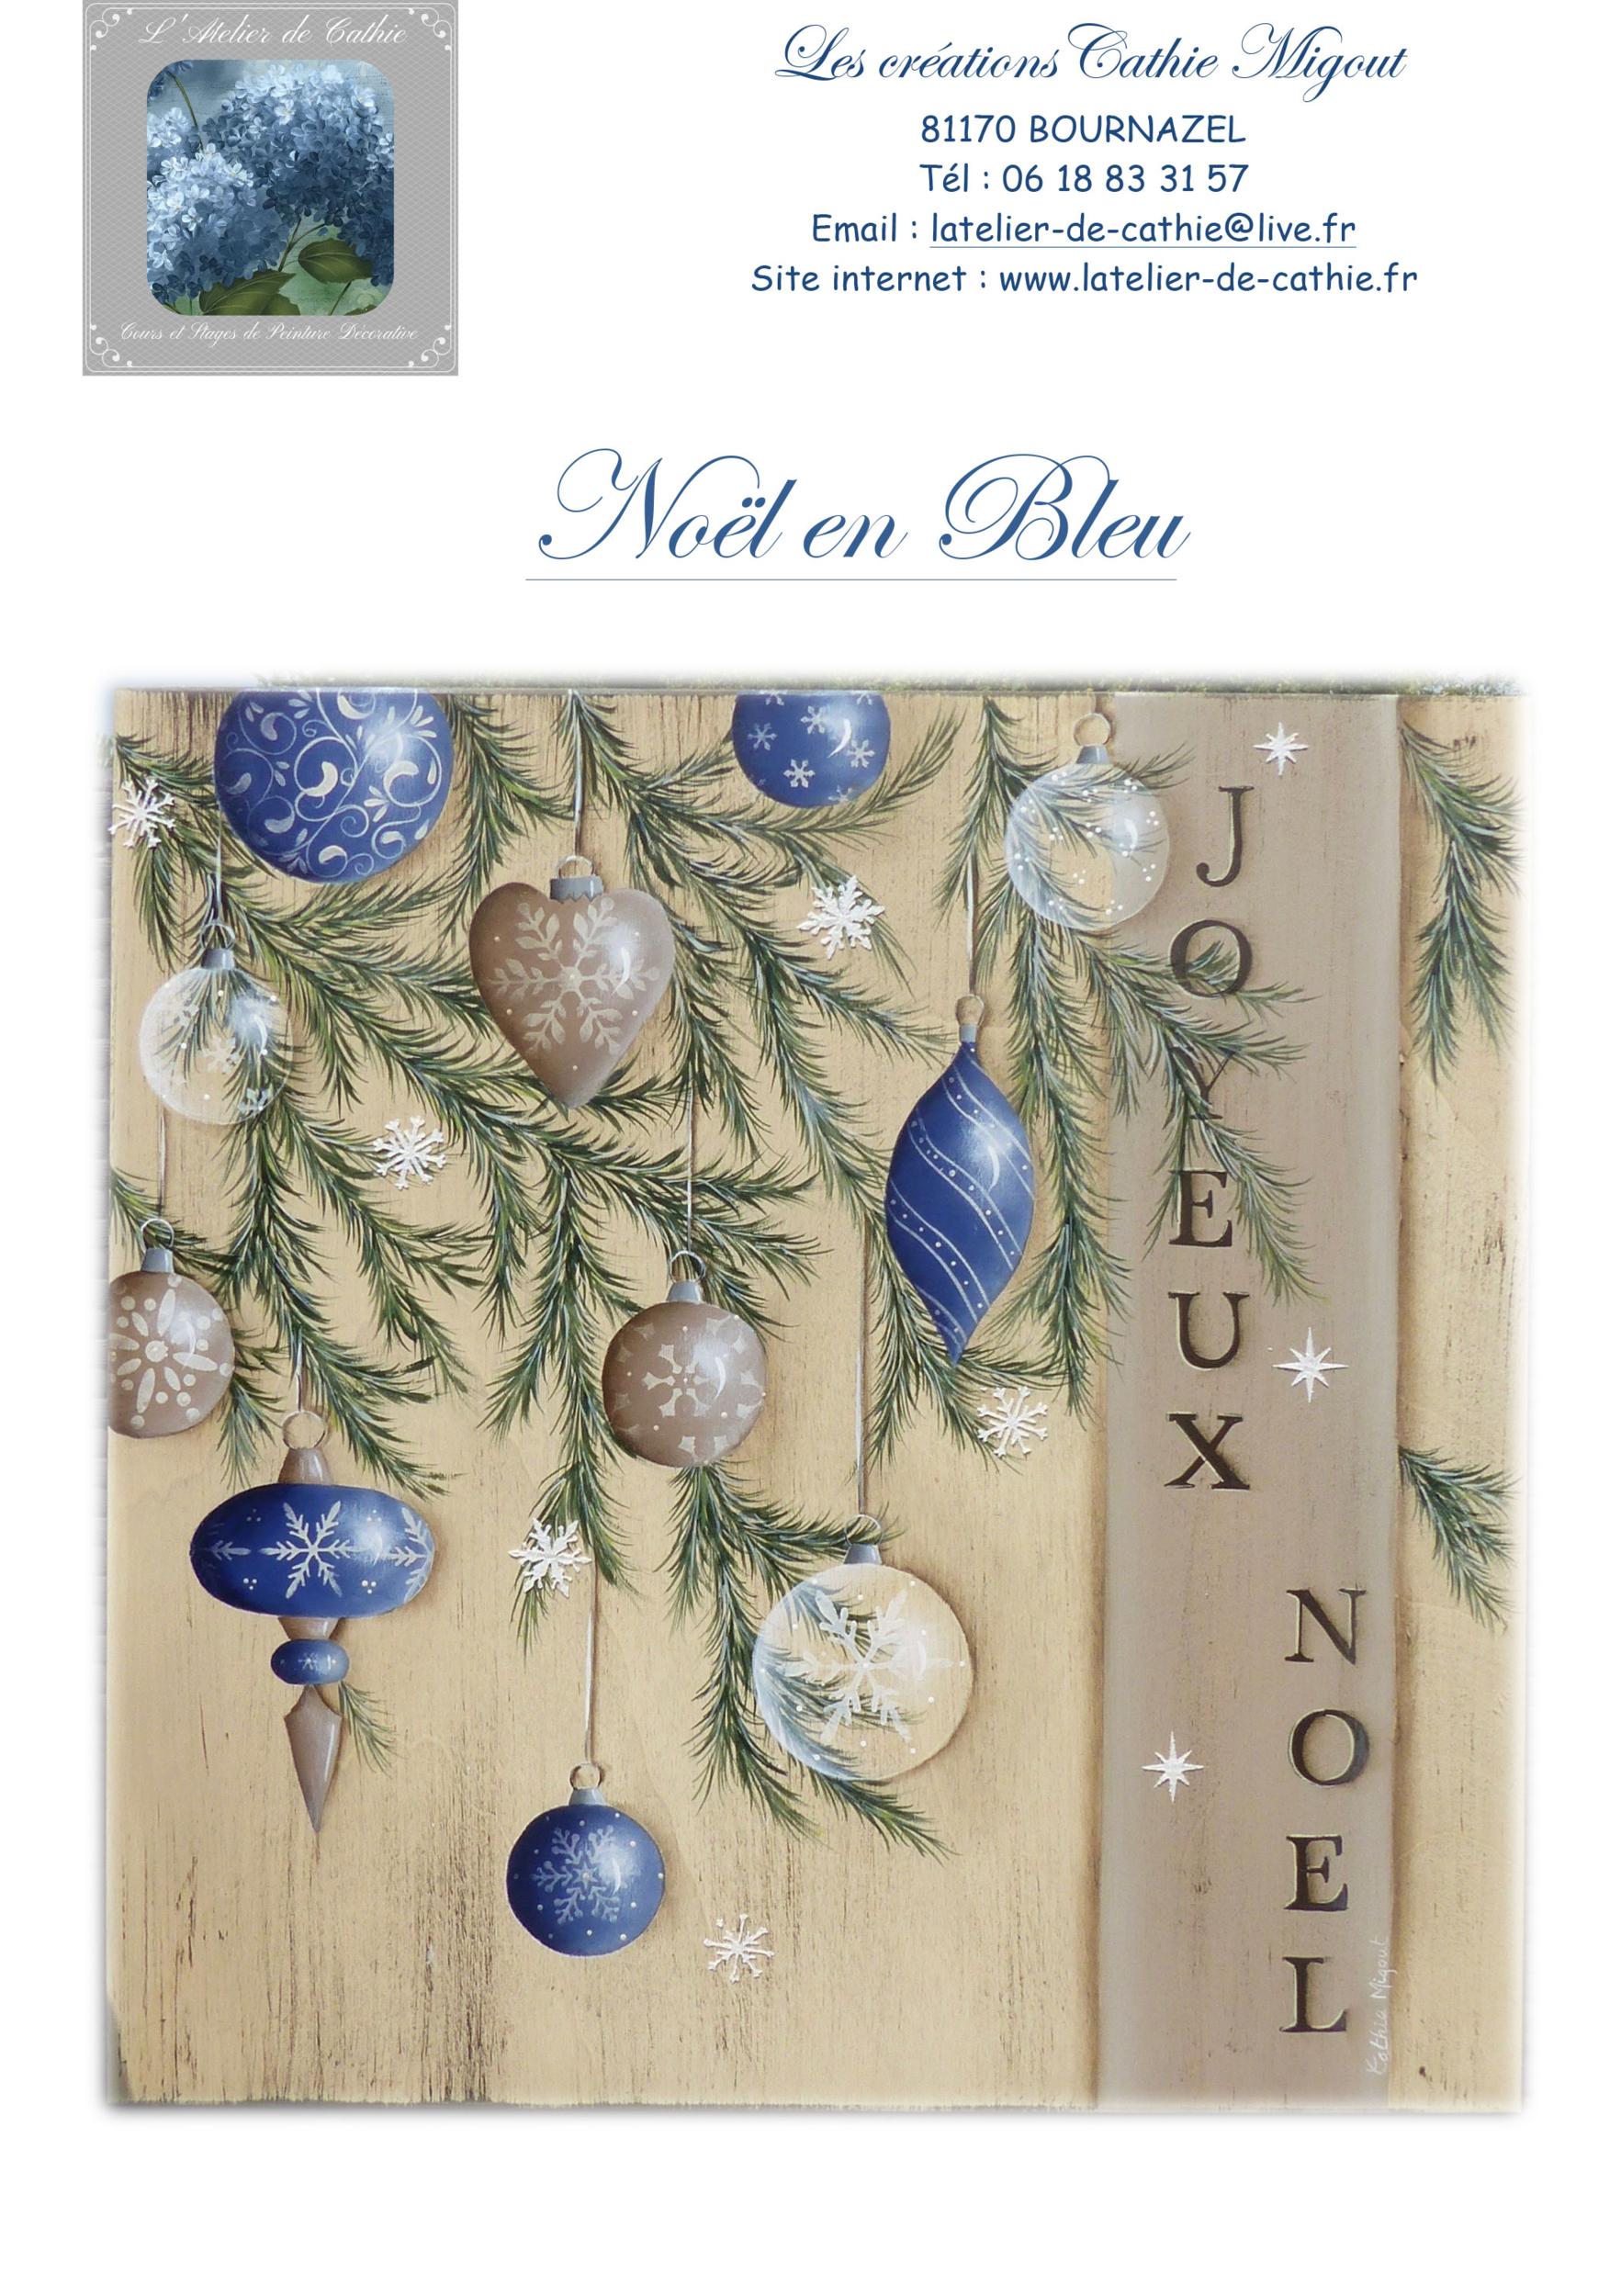 Noël en bleu - Les créations de Cathie Migout